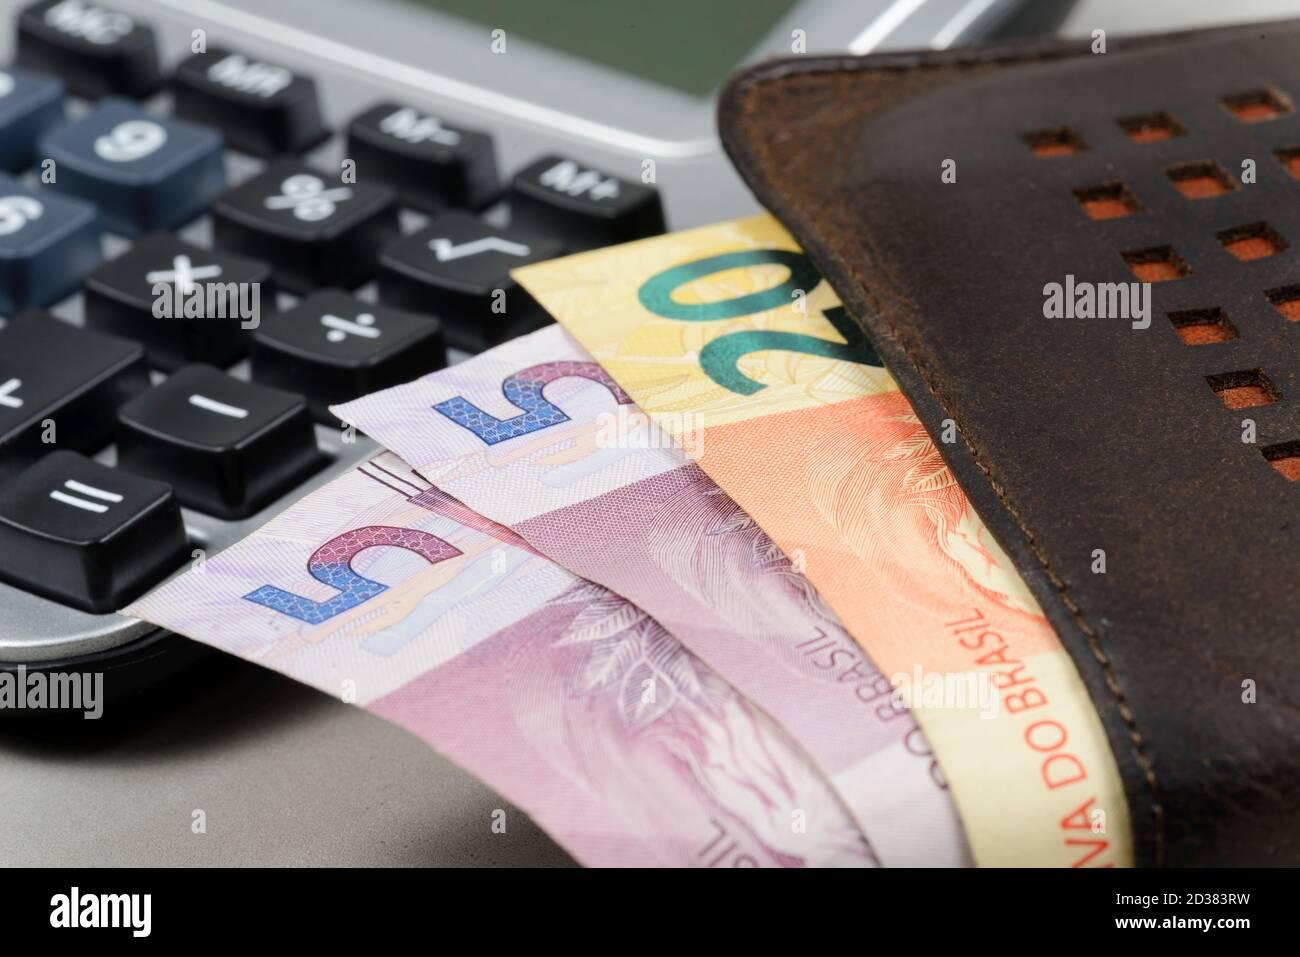 el dinero sale de la cartera con la calculadora de bolsillo borrosa en el fondo. Foto de stock